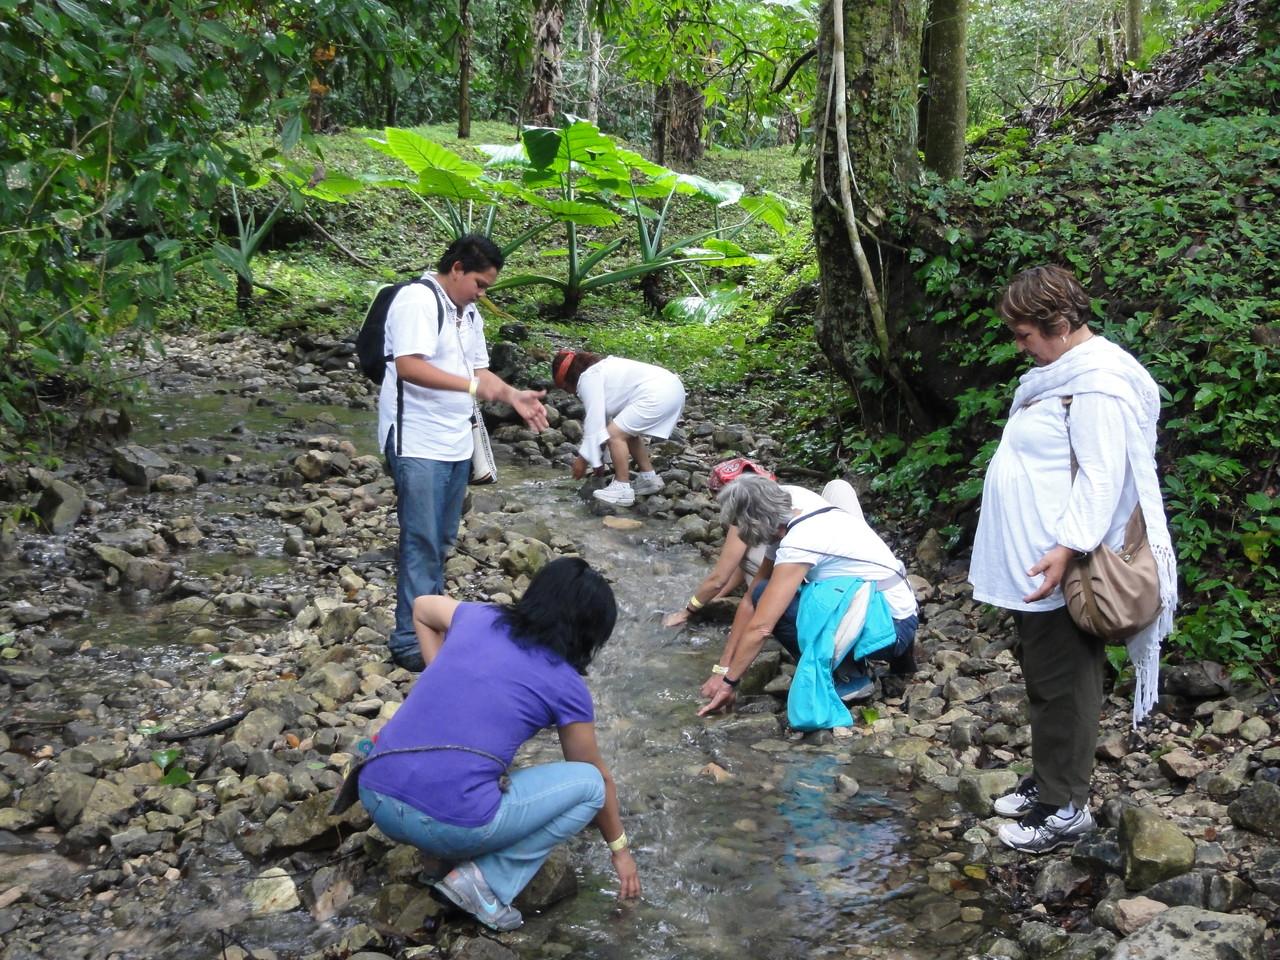 the river was important to the Palenque people / el río fue importante para la gente de Palenque